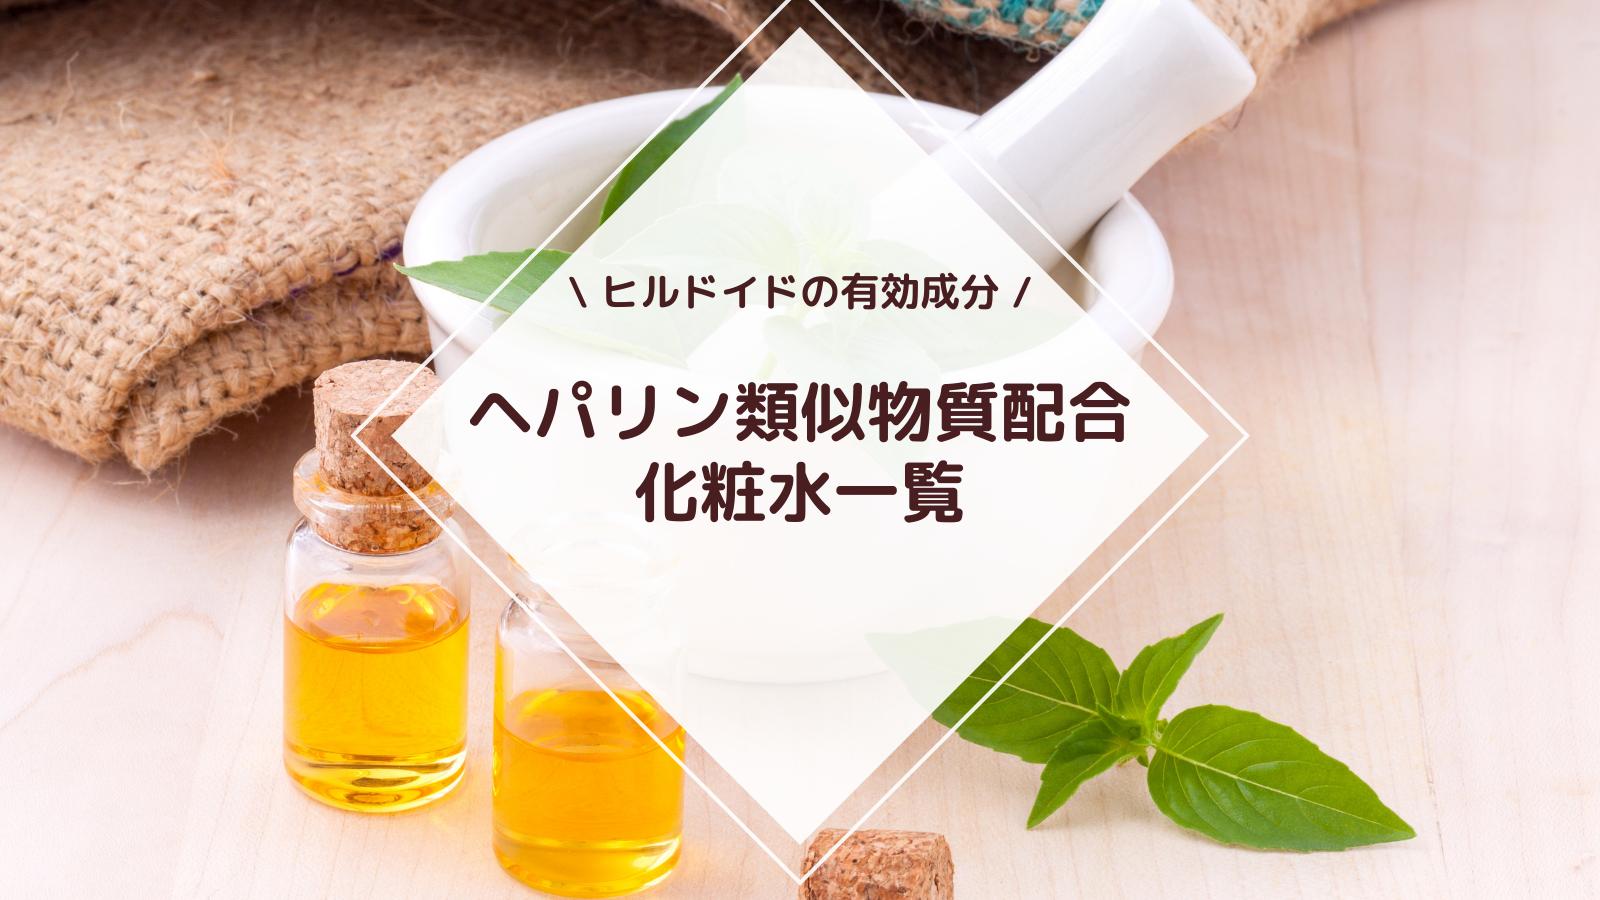 【ヒルドイド有効成分】ヘパリン類似物質配合の化粧水一覧のアイキャッチ画像